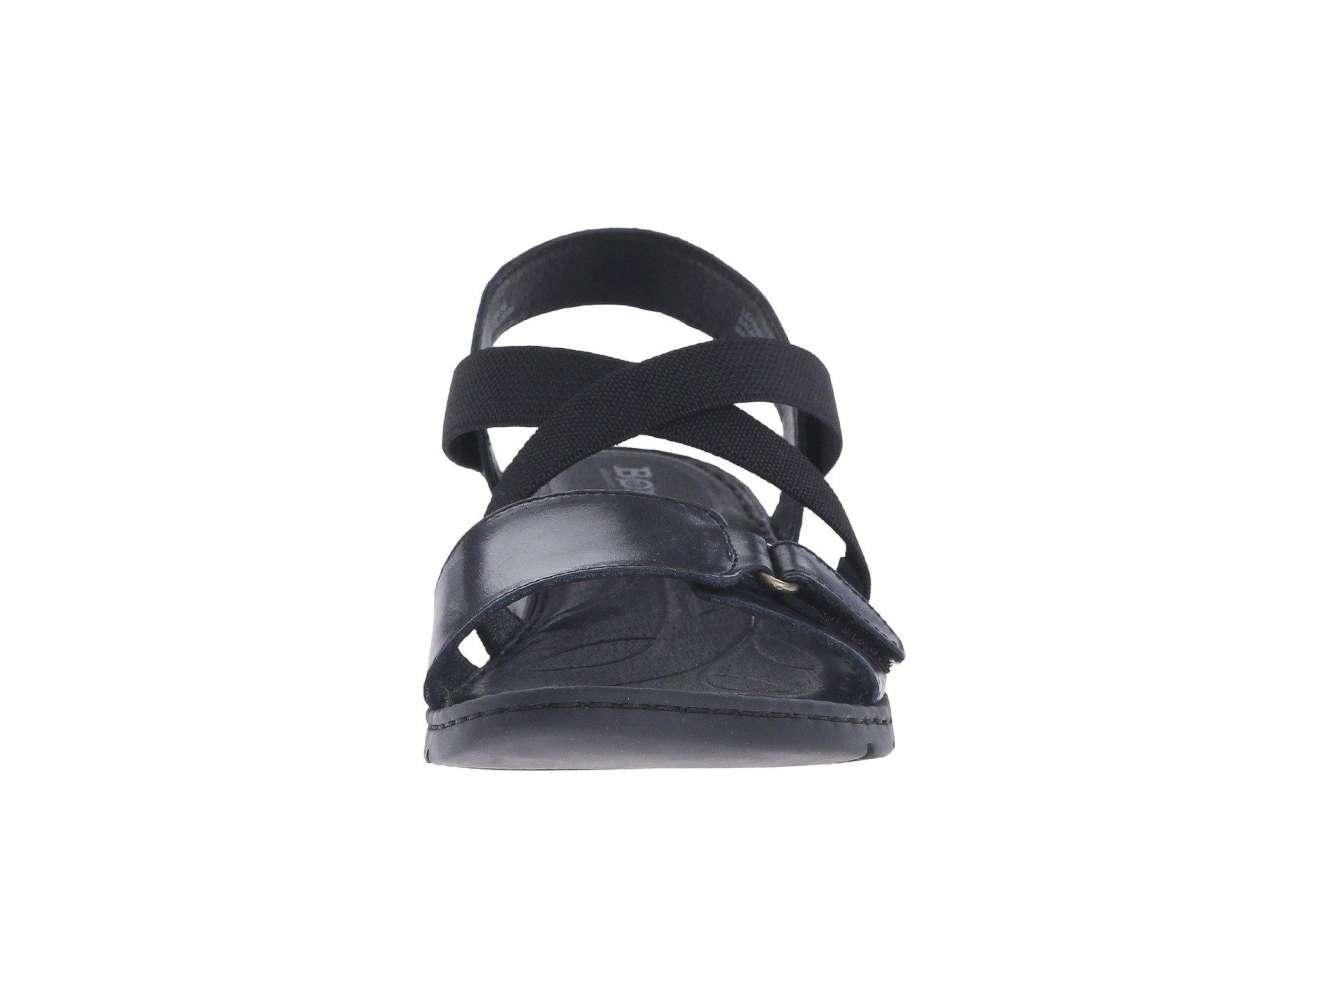 96e3501f6932 Born Womens Britton Leather Open Toe Casual Slide Sandals